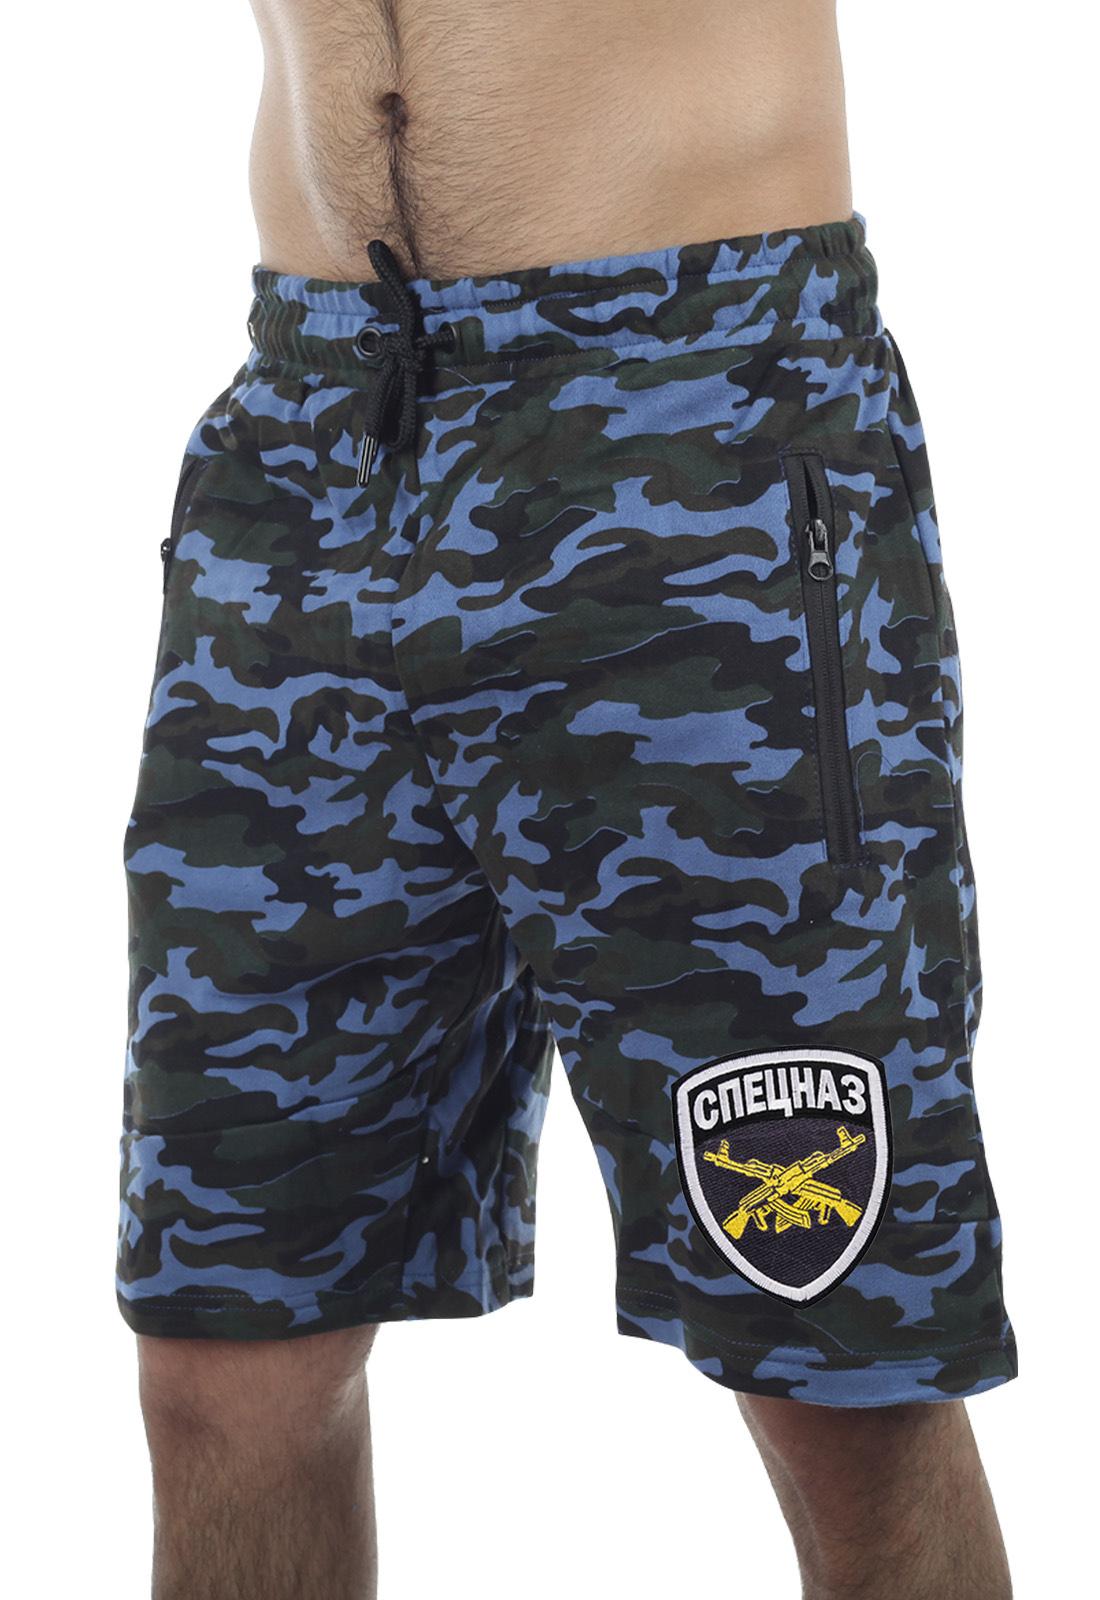 Купить в военторге мужские шорты СПЕЦНАЗА в камуфляже Woodland